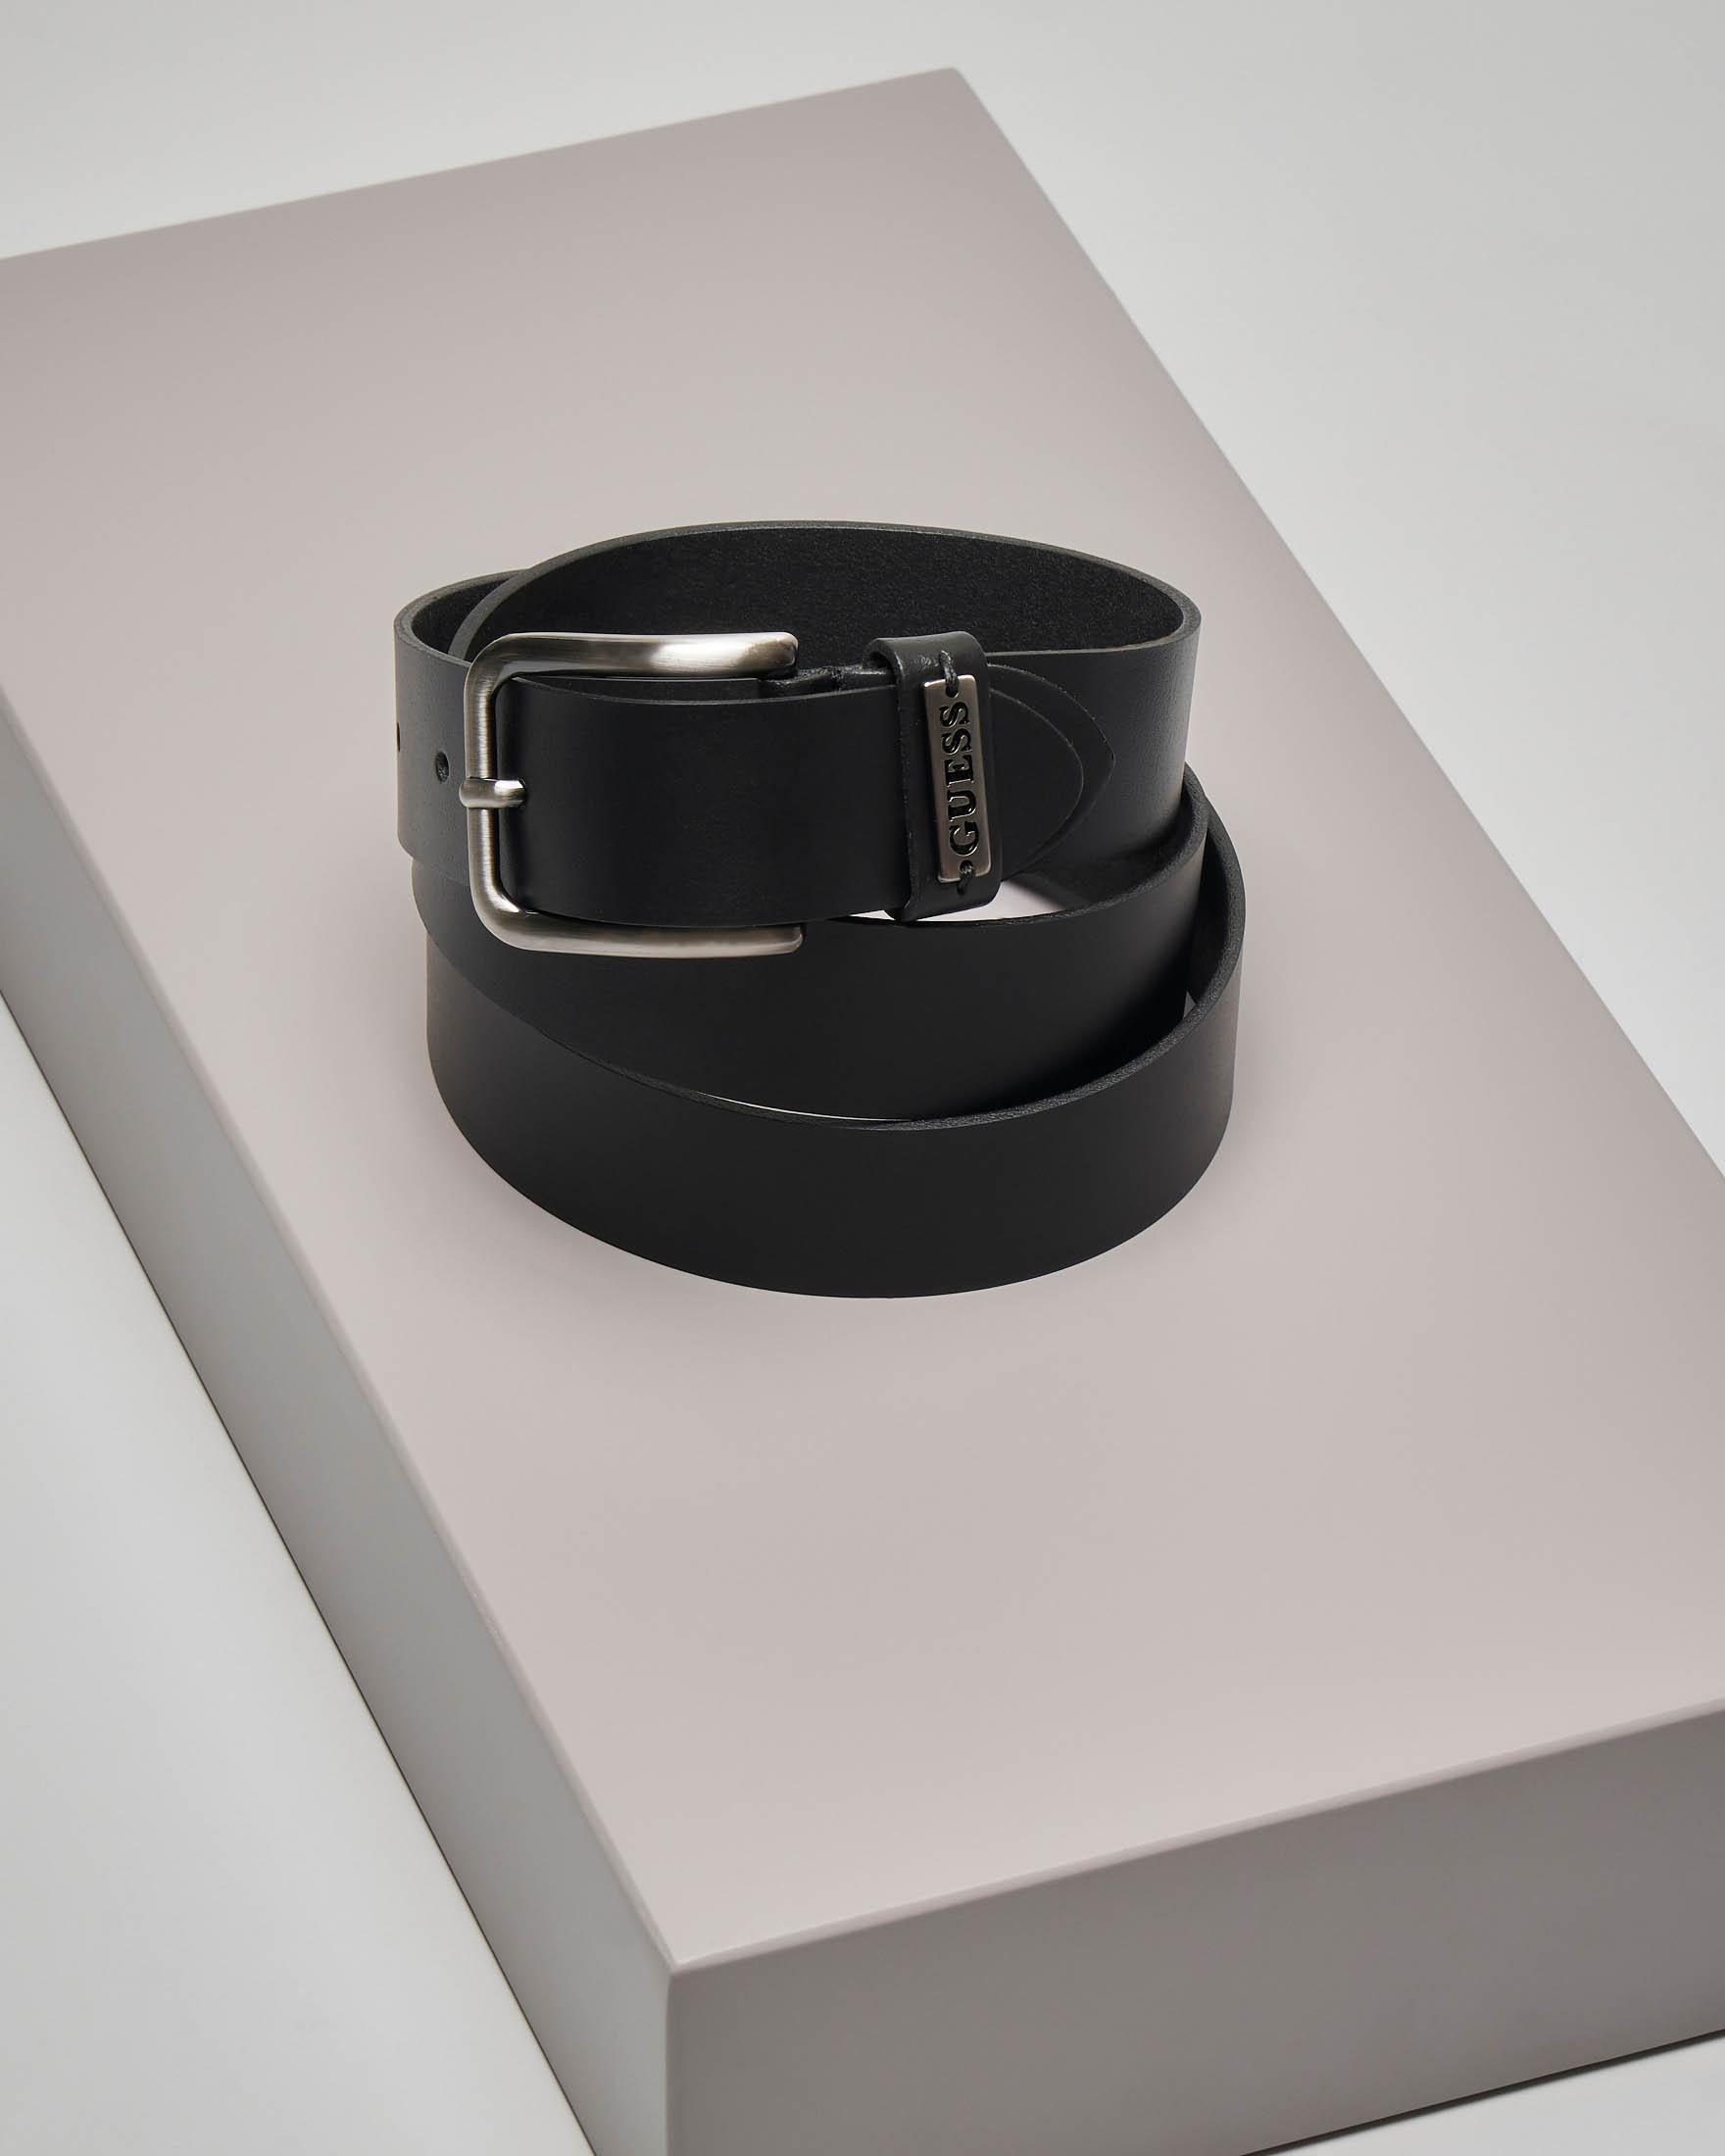 Cintura nera in pelle con passante logato